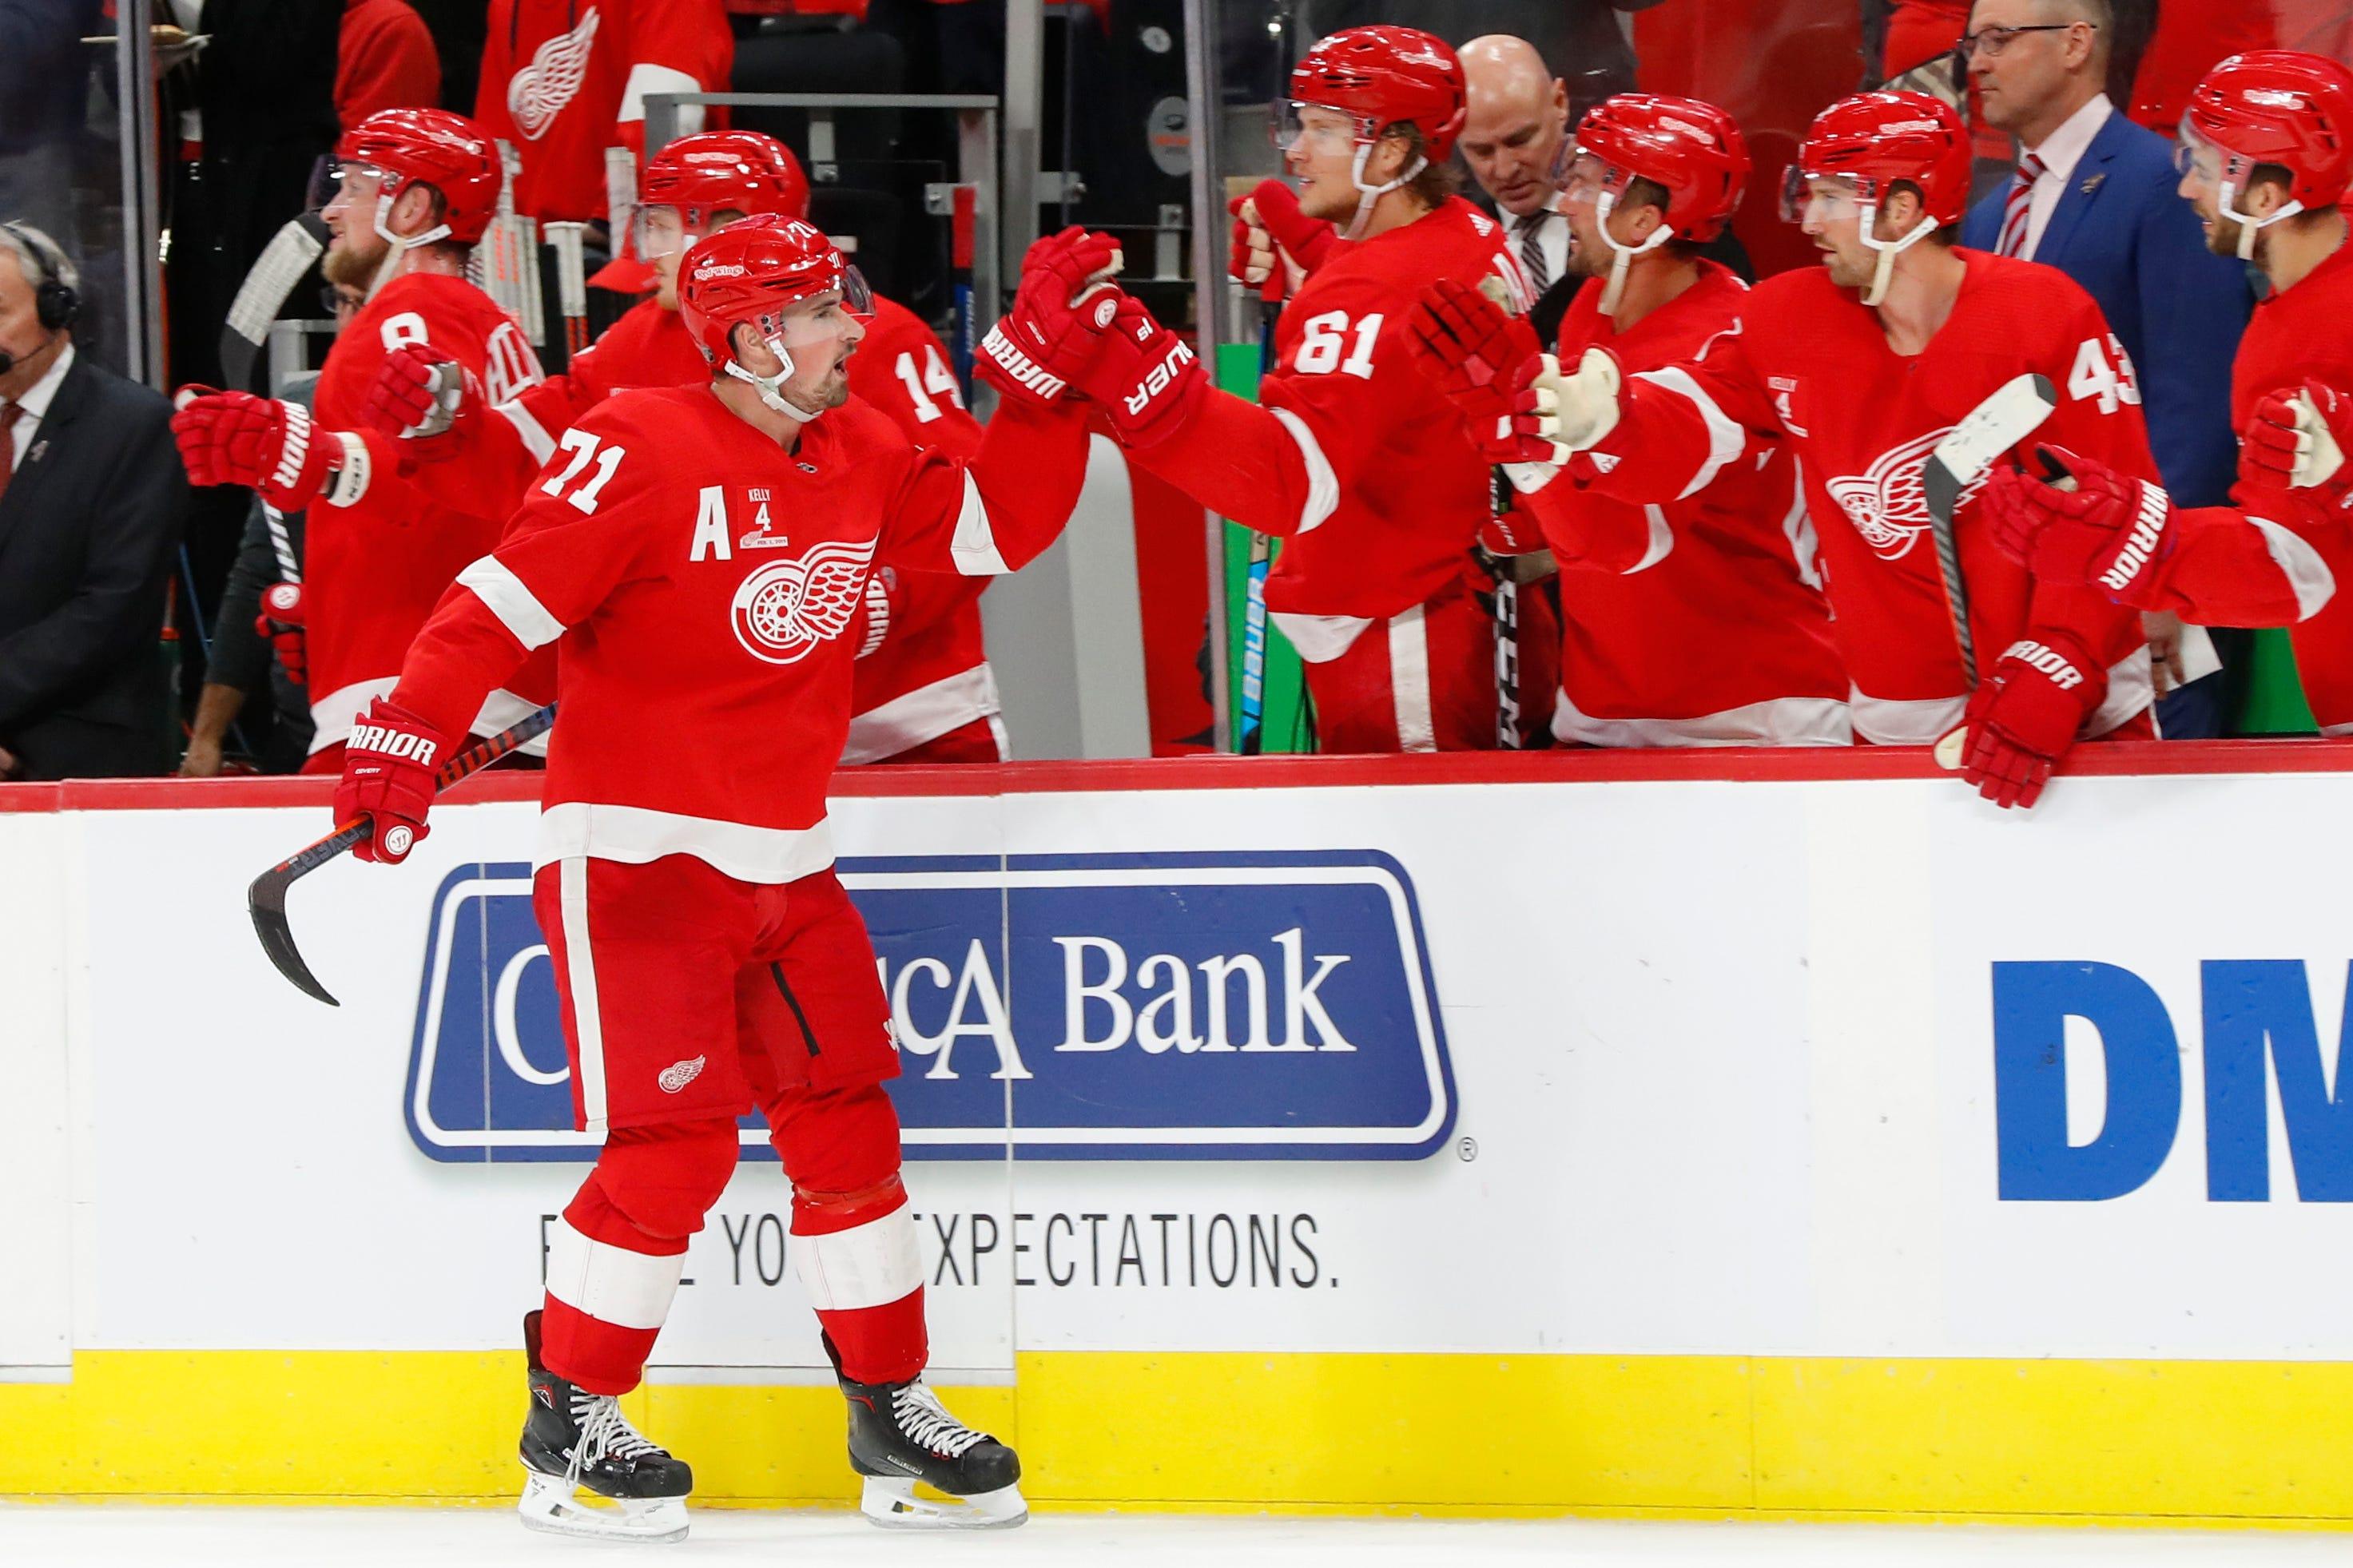 Red Wings retire Kelly's jersey, beat Maple Leafs 3-2 in OT